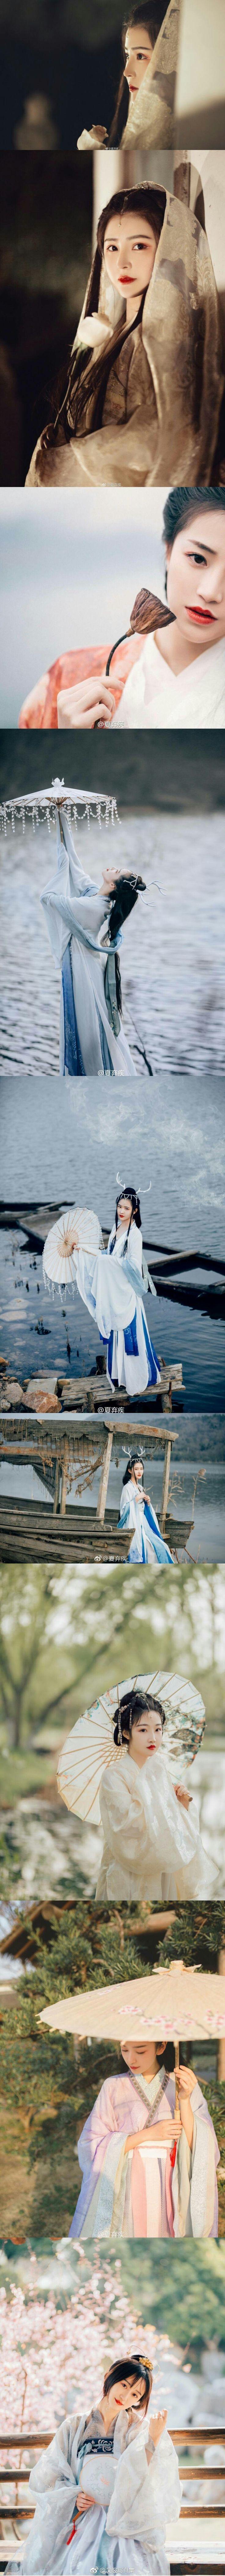 Asien beauty